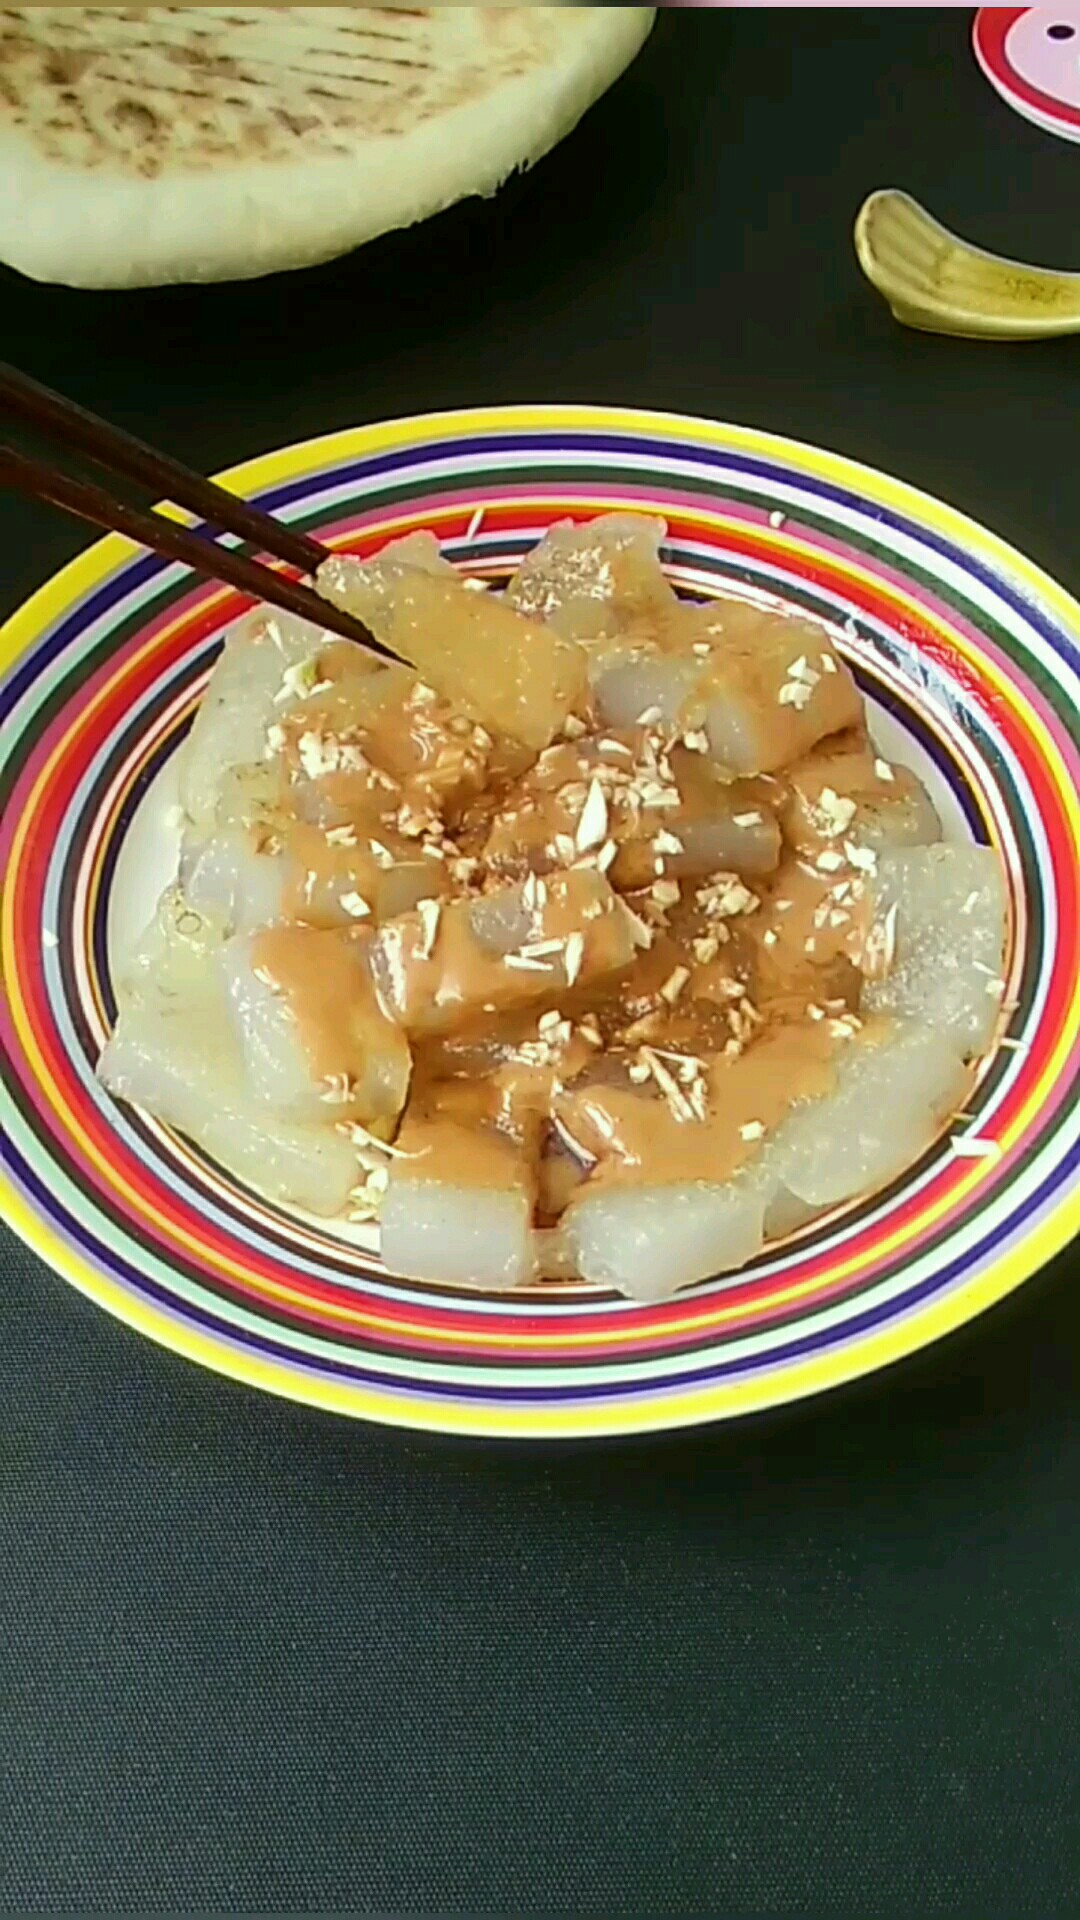 小面包怎么做好吃二月二 煎焖子的做法